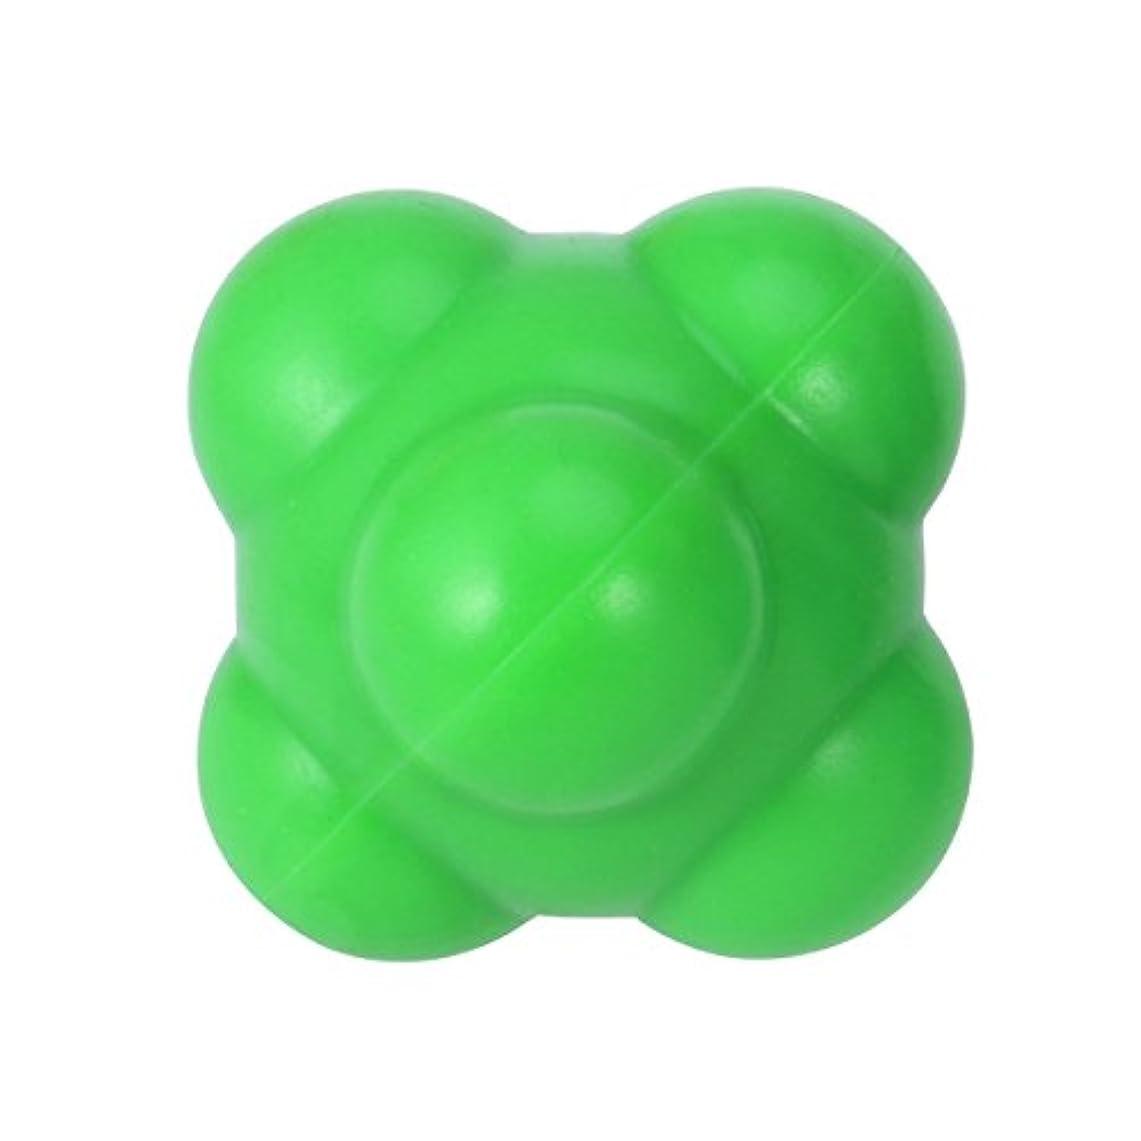 殺します愛撫オペレーターSUPVOX 反応ボール 敏捷性とスピードハンドアイ調整(グリーン)